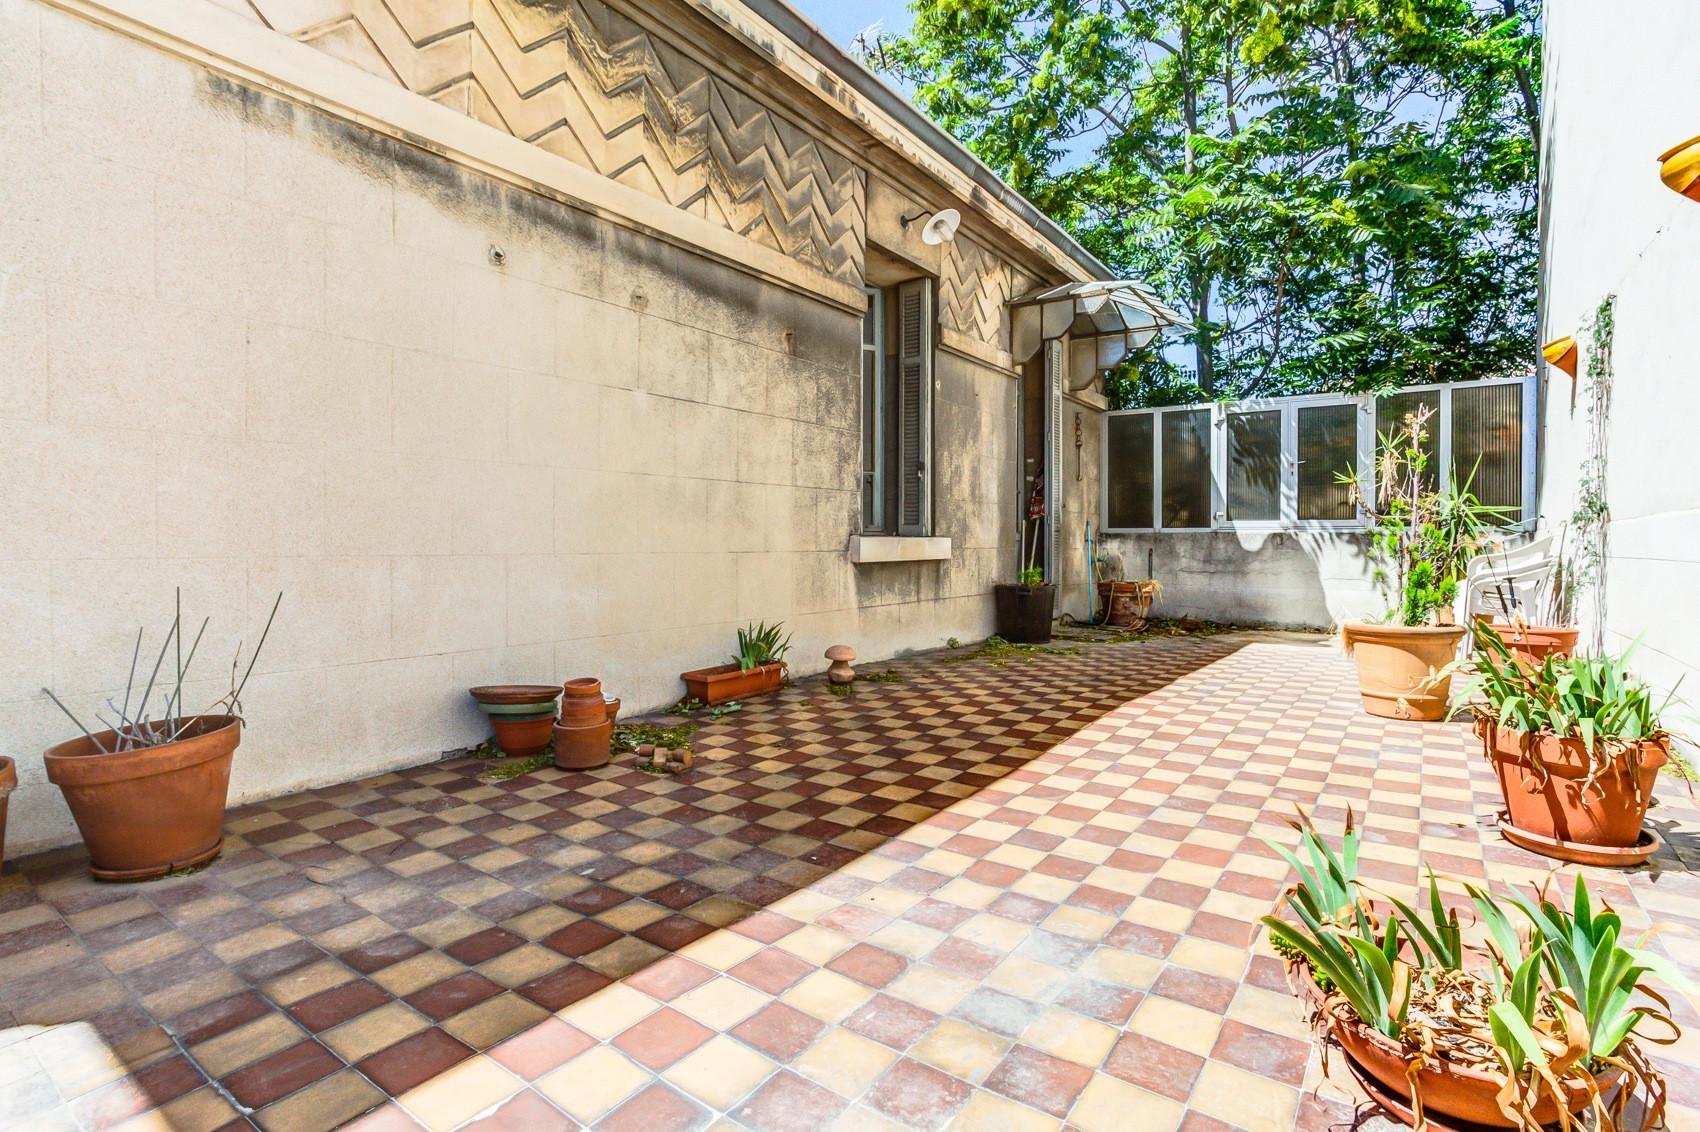 deco terrasse maison perfect dcoration terrasse faire soimme u ides cratives pour le printemps. Black Bedroom Furniture Sets. Home Design Ideas